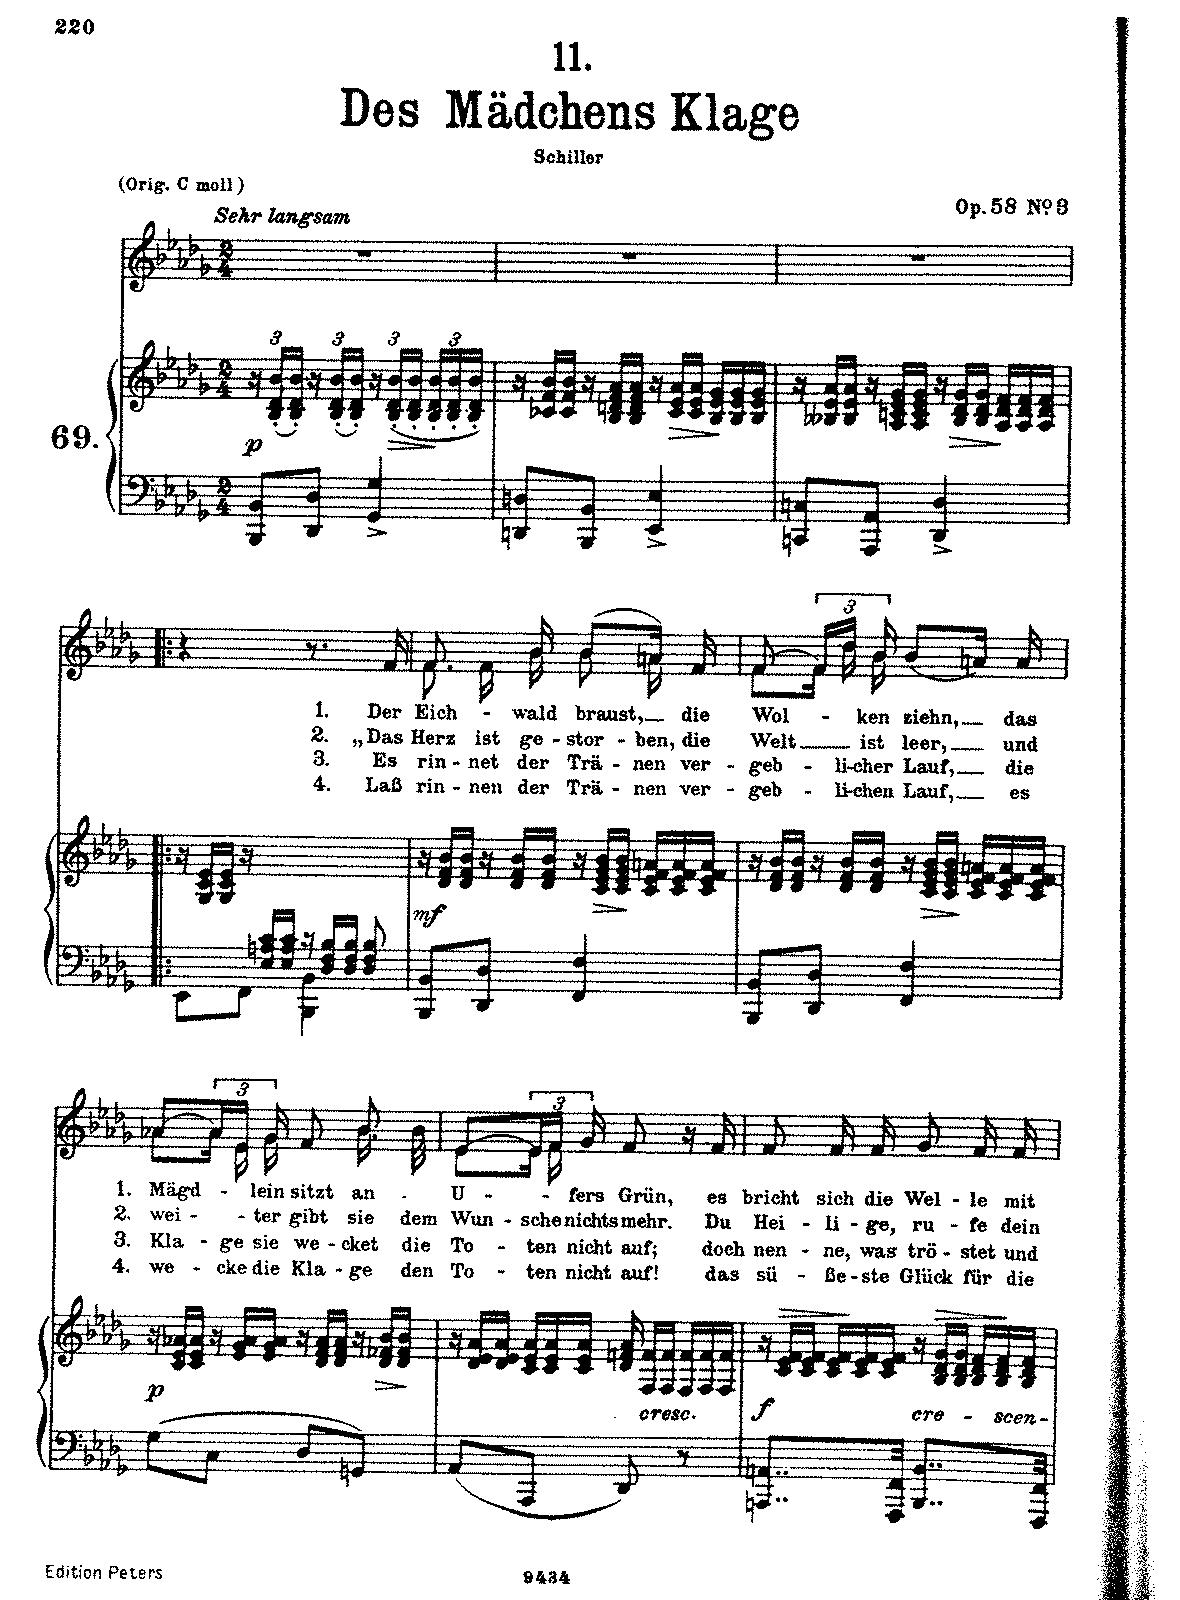 Des mdchens klage d191 schubert franz imslppetrucci music sheet music hexwebz Choice Image